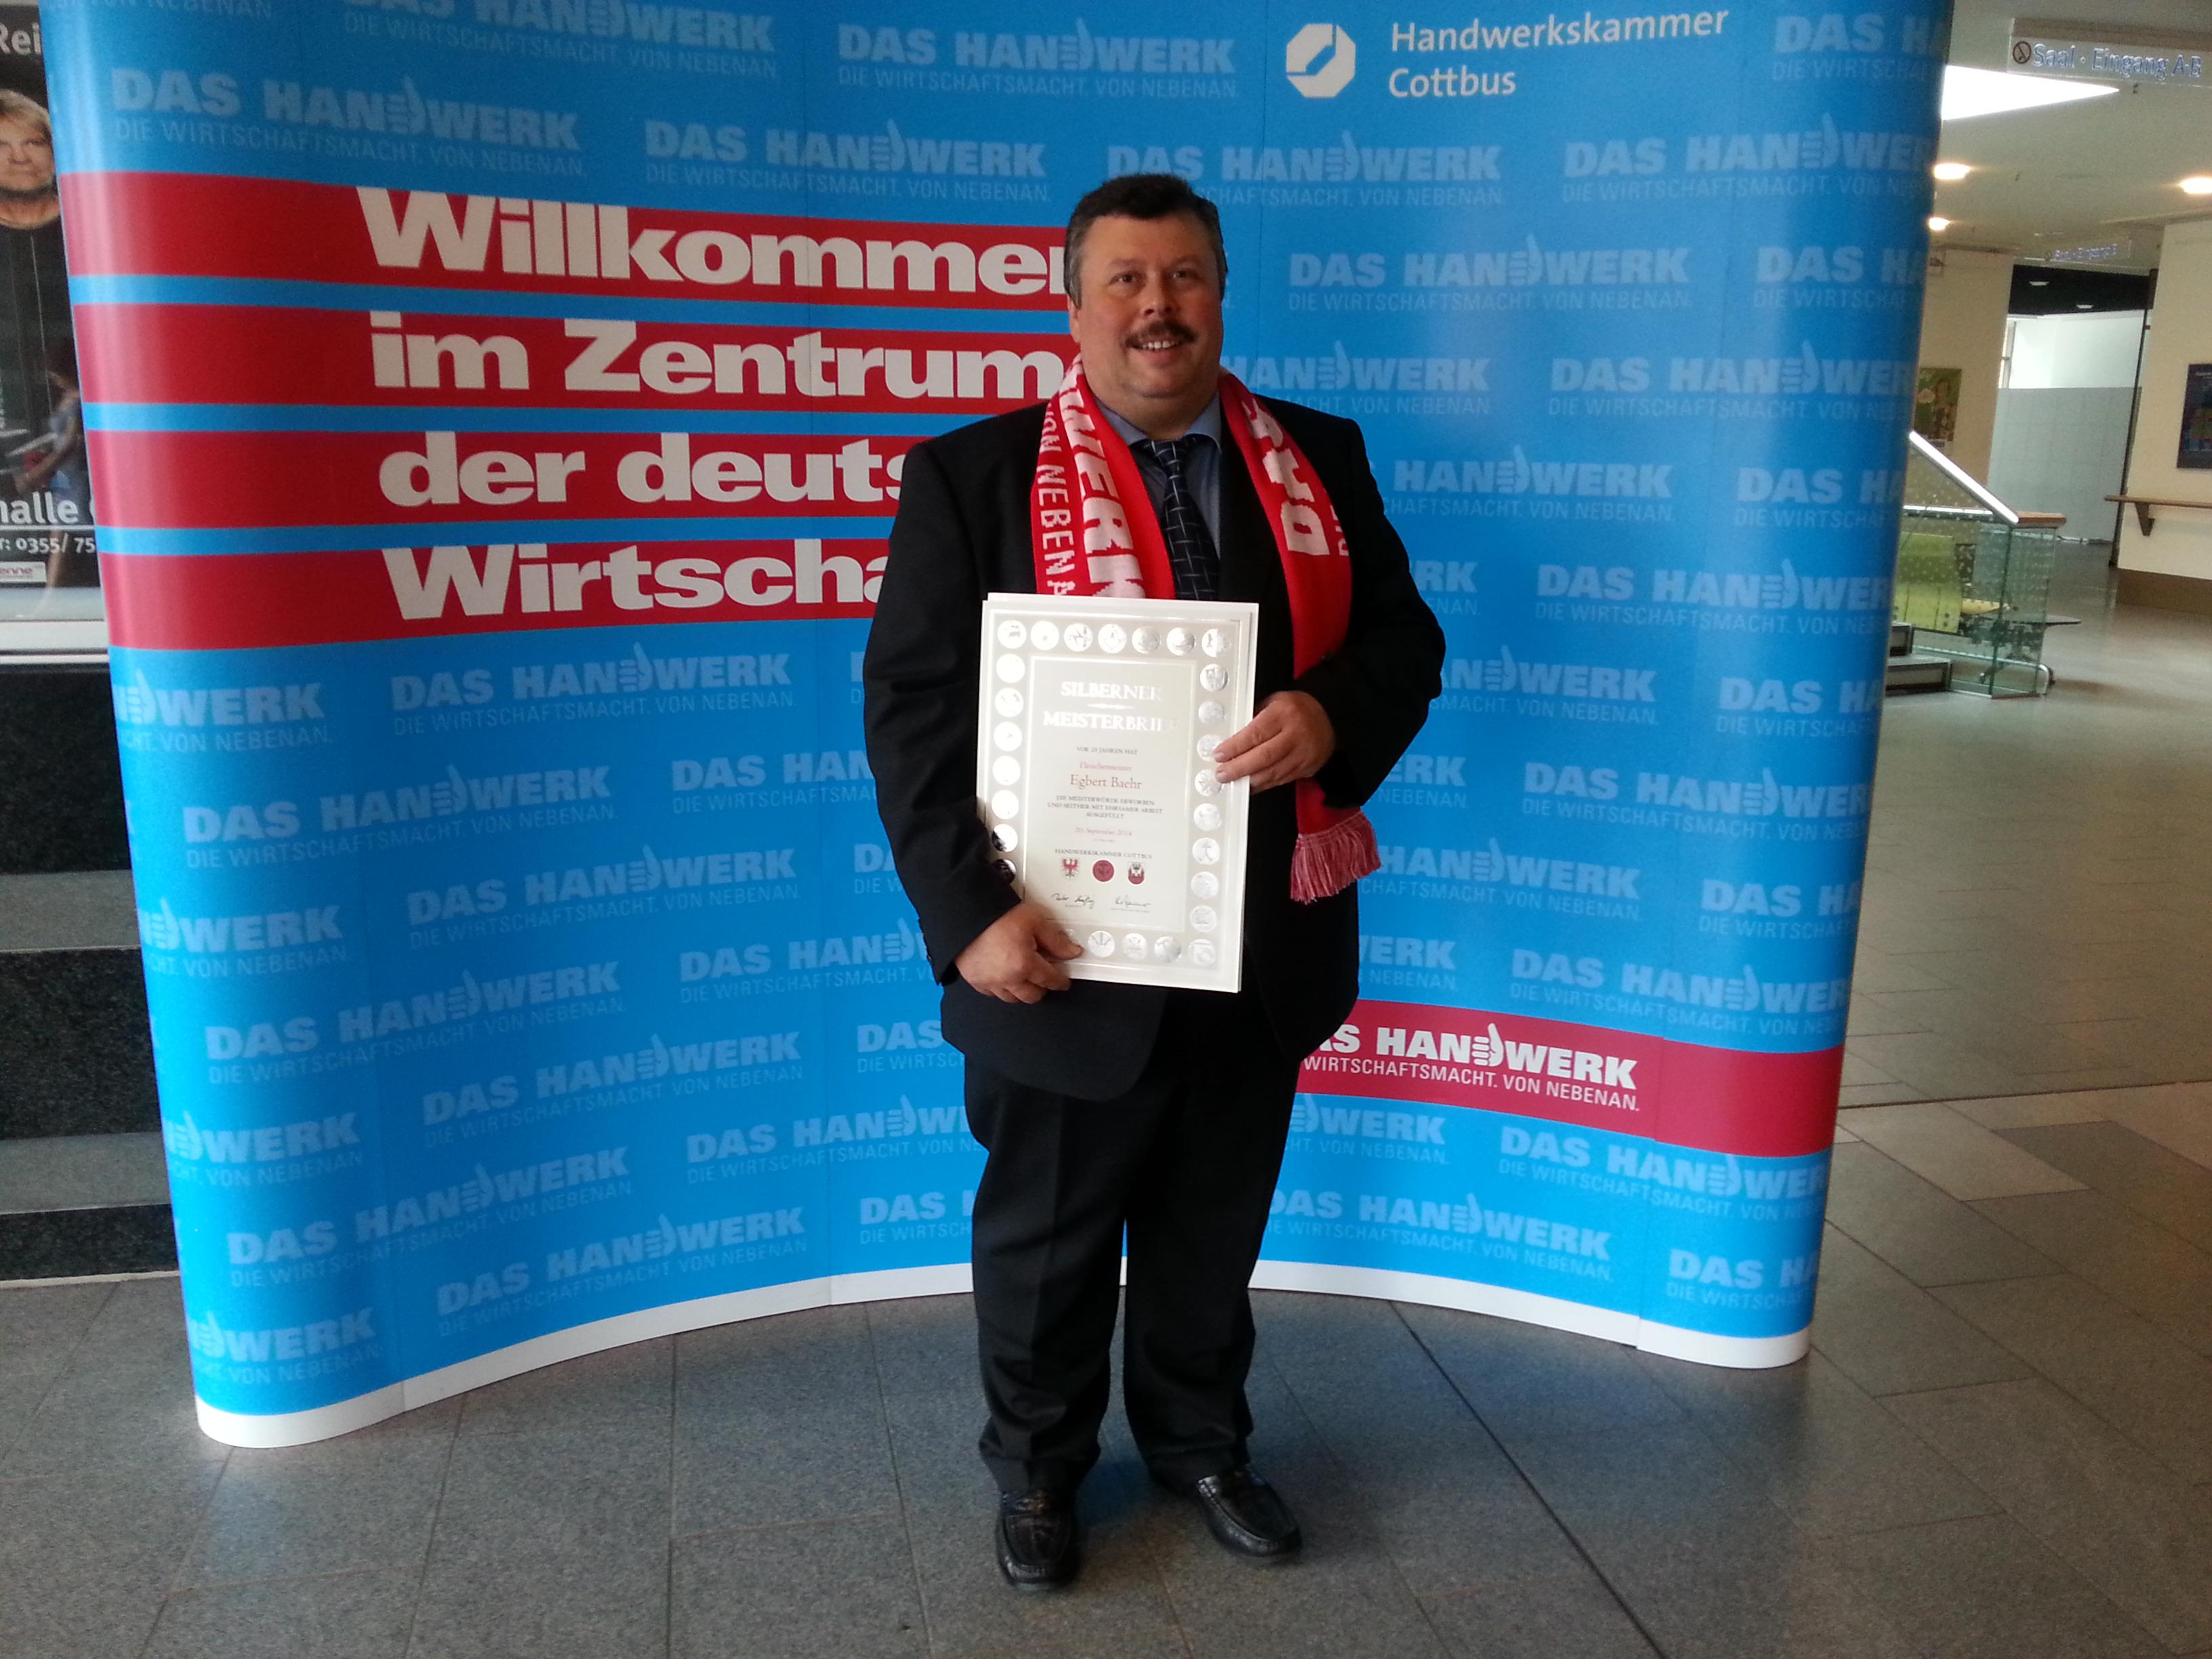 Urkunde zum 25 jährigen Meisterjubiläum 2015 in Cottbus